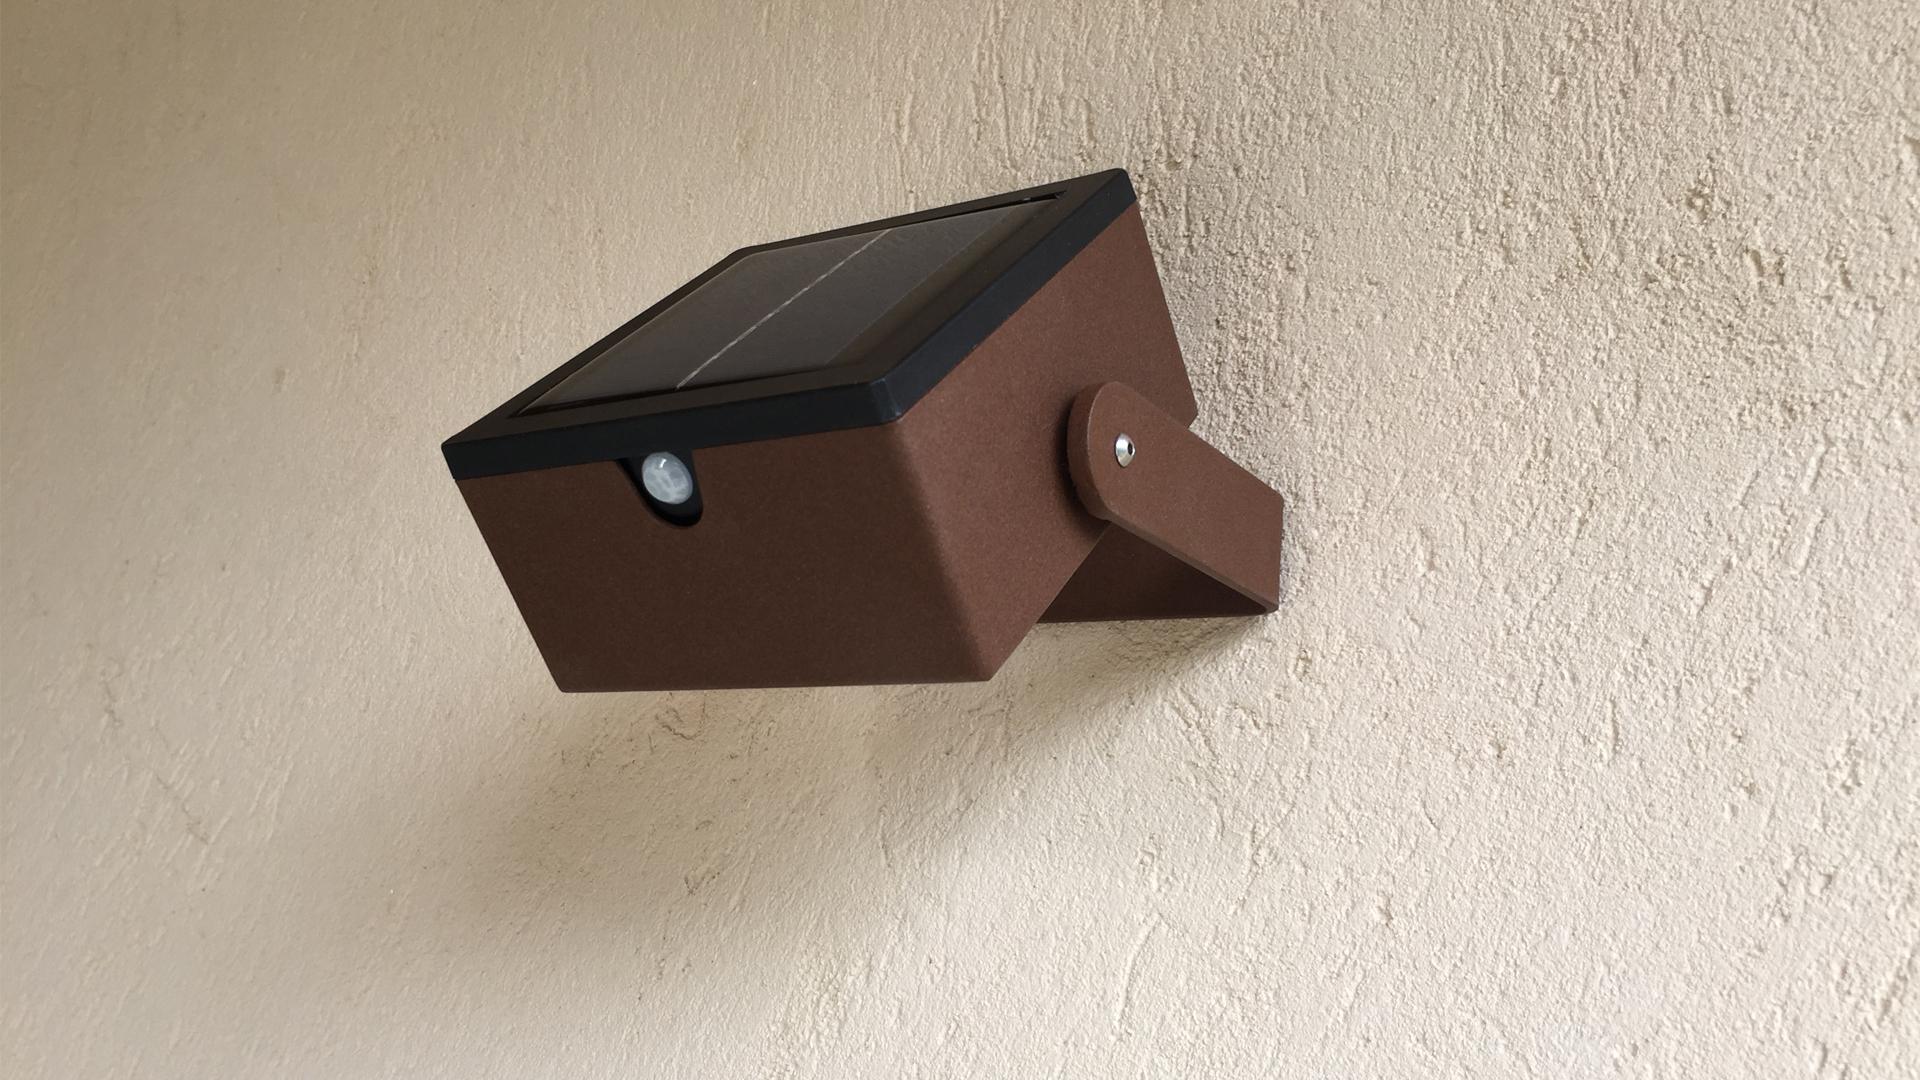 La lampe murale extérieure LYXY est fabriquée en acier inoxydable rouille Corten. Cette applique murale extérieure est solaire. Cette applique solaire fait partie avec les appliques murales LED basse consommation LYX Luminaires de la vaste collection de lampes murales extérieures LYX Luminaires. L'applique murale design LYXY est idéale pour l'éclairage de piliers, l'éclairage de portail, l'éclairage de façade, l'éclairage d'entrée, l'éclairage de terrasses, l'éclairage de balcons. Cette applique murale solaire design se décline en lanterne solaire ou suspendue.